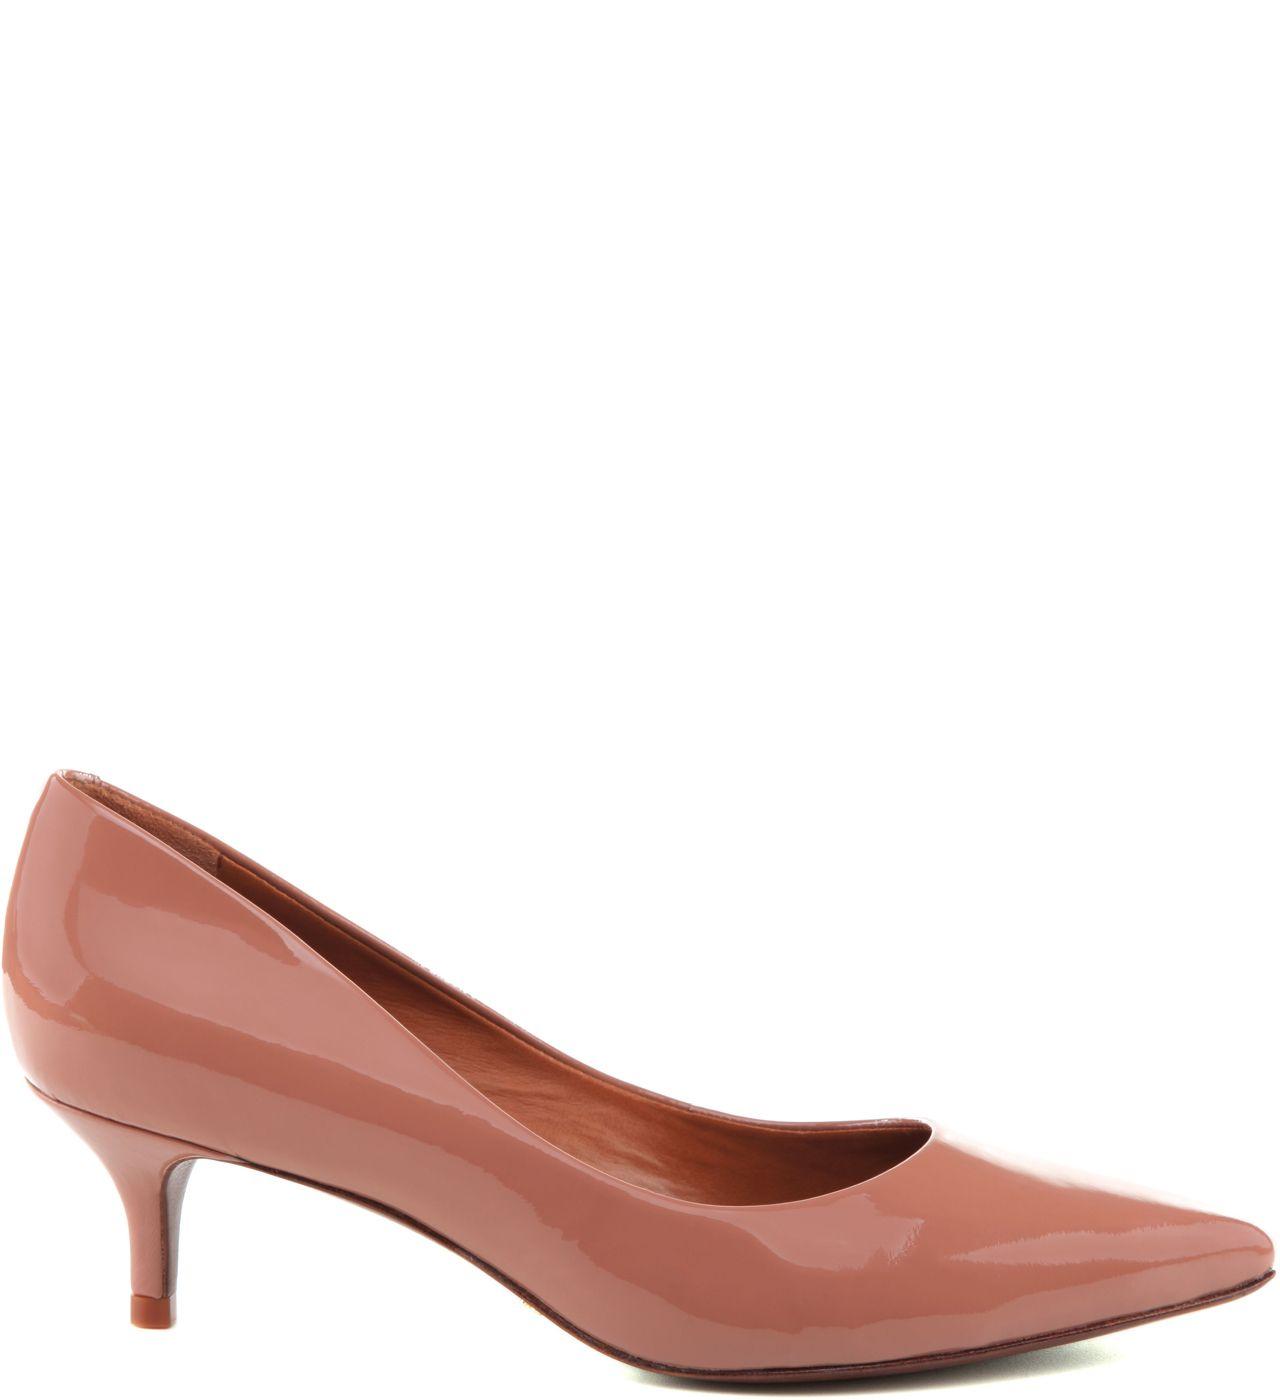 2a978fee9 SCARPIN KITTEN HEEL ROSE Sapatos Da Moda, Sapatos Sandálias, 15 Anos,  Saltos,